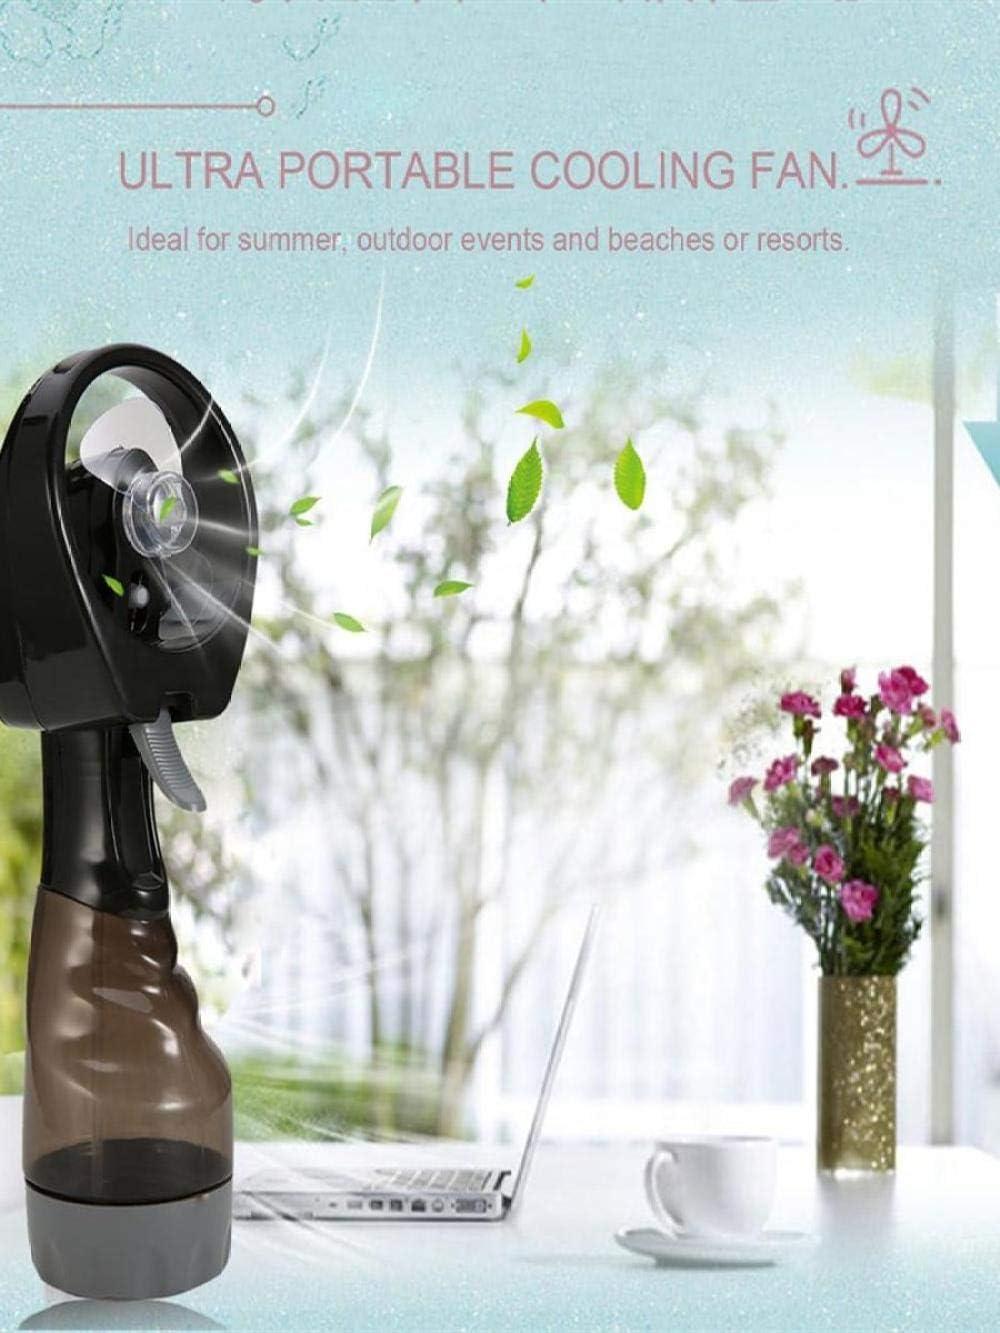 Deluxe Misting Fan Handheld Misting Fan Water Spray Fan Mini Portable Desk Fan Battery Operated Fan Fine Mist Sprayer Personal Cooling Fan for Outdoor